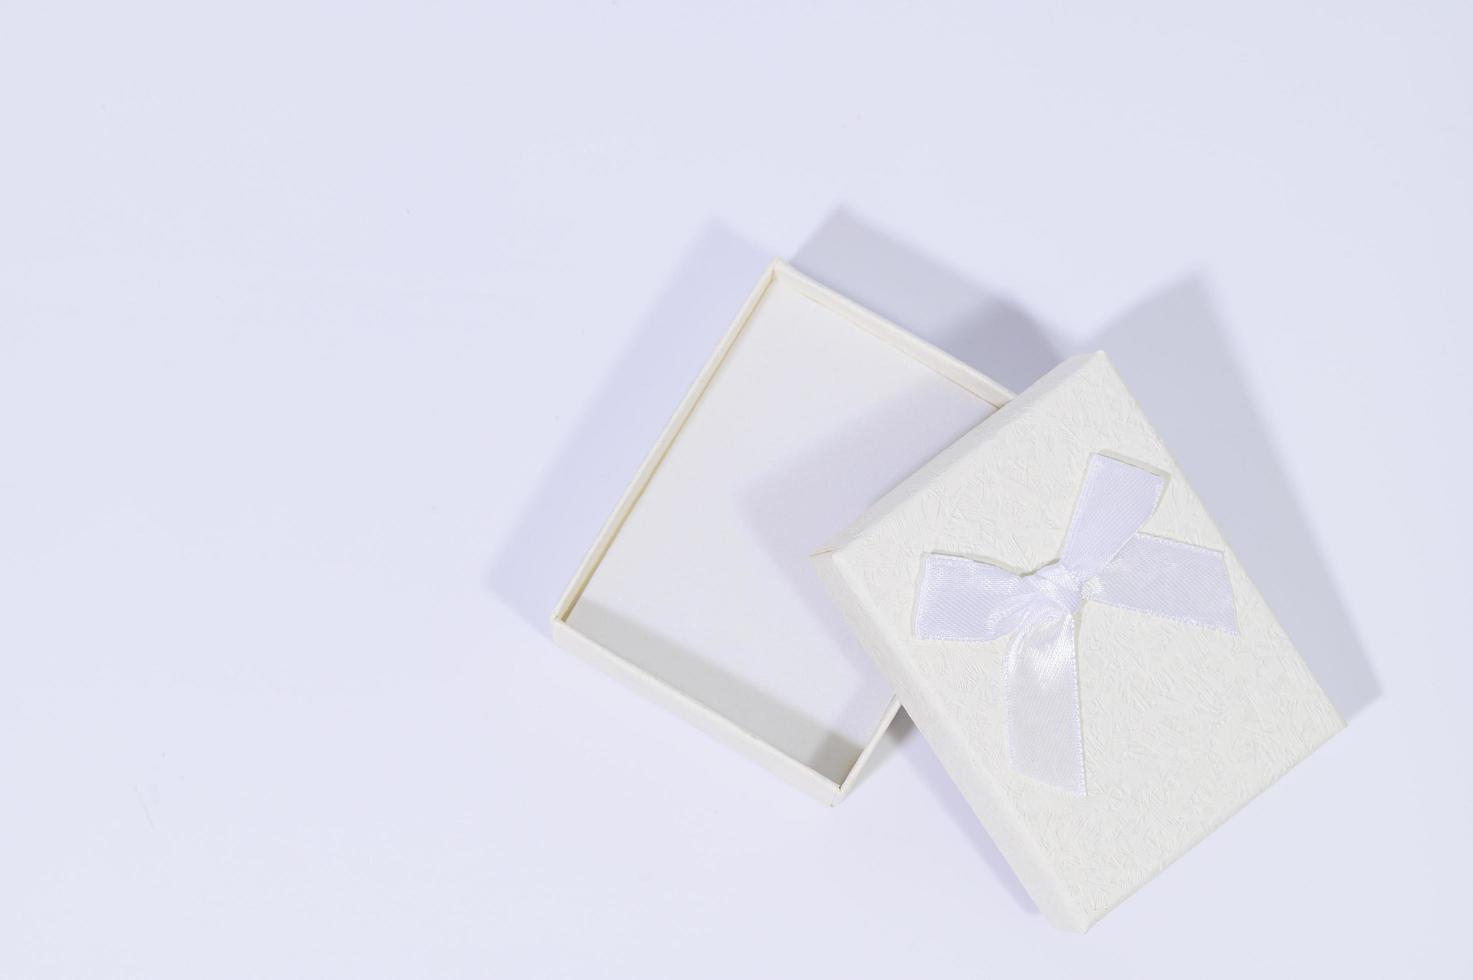 cajas de regalo sobre fondo blanco foto